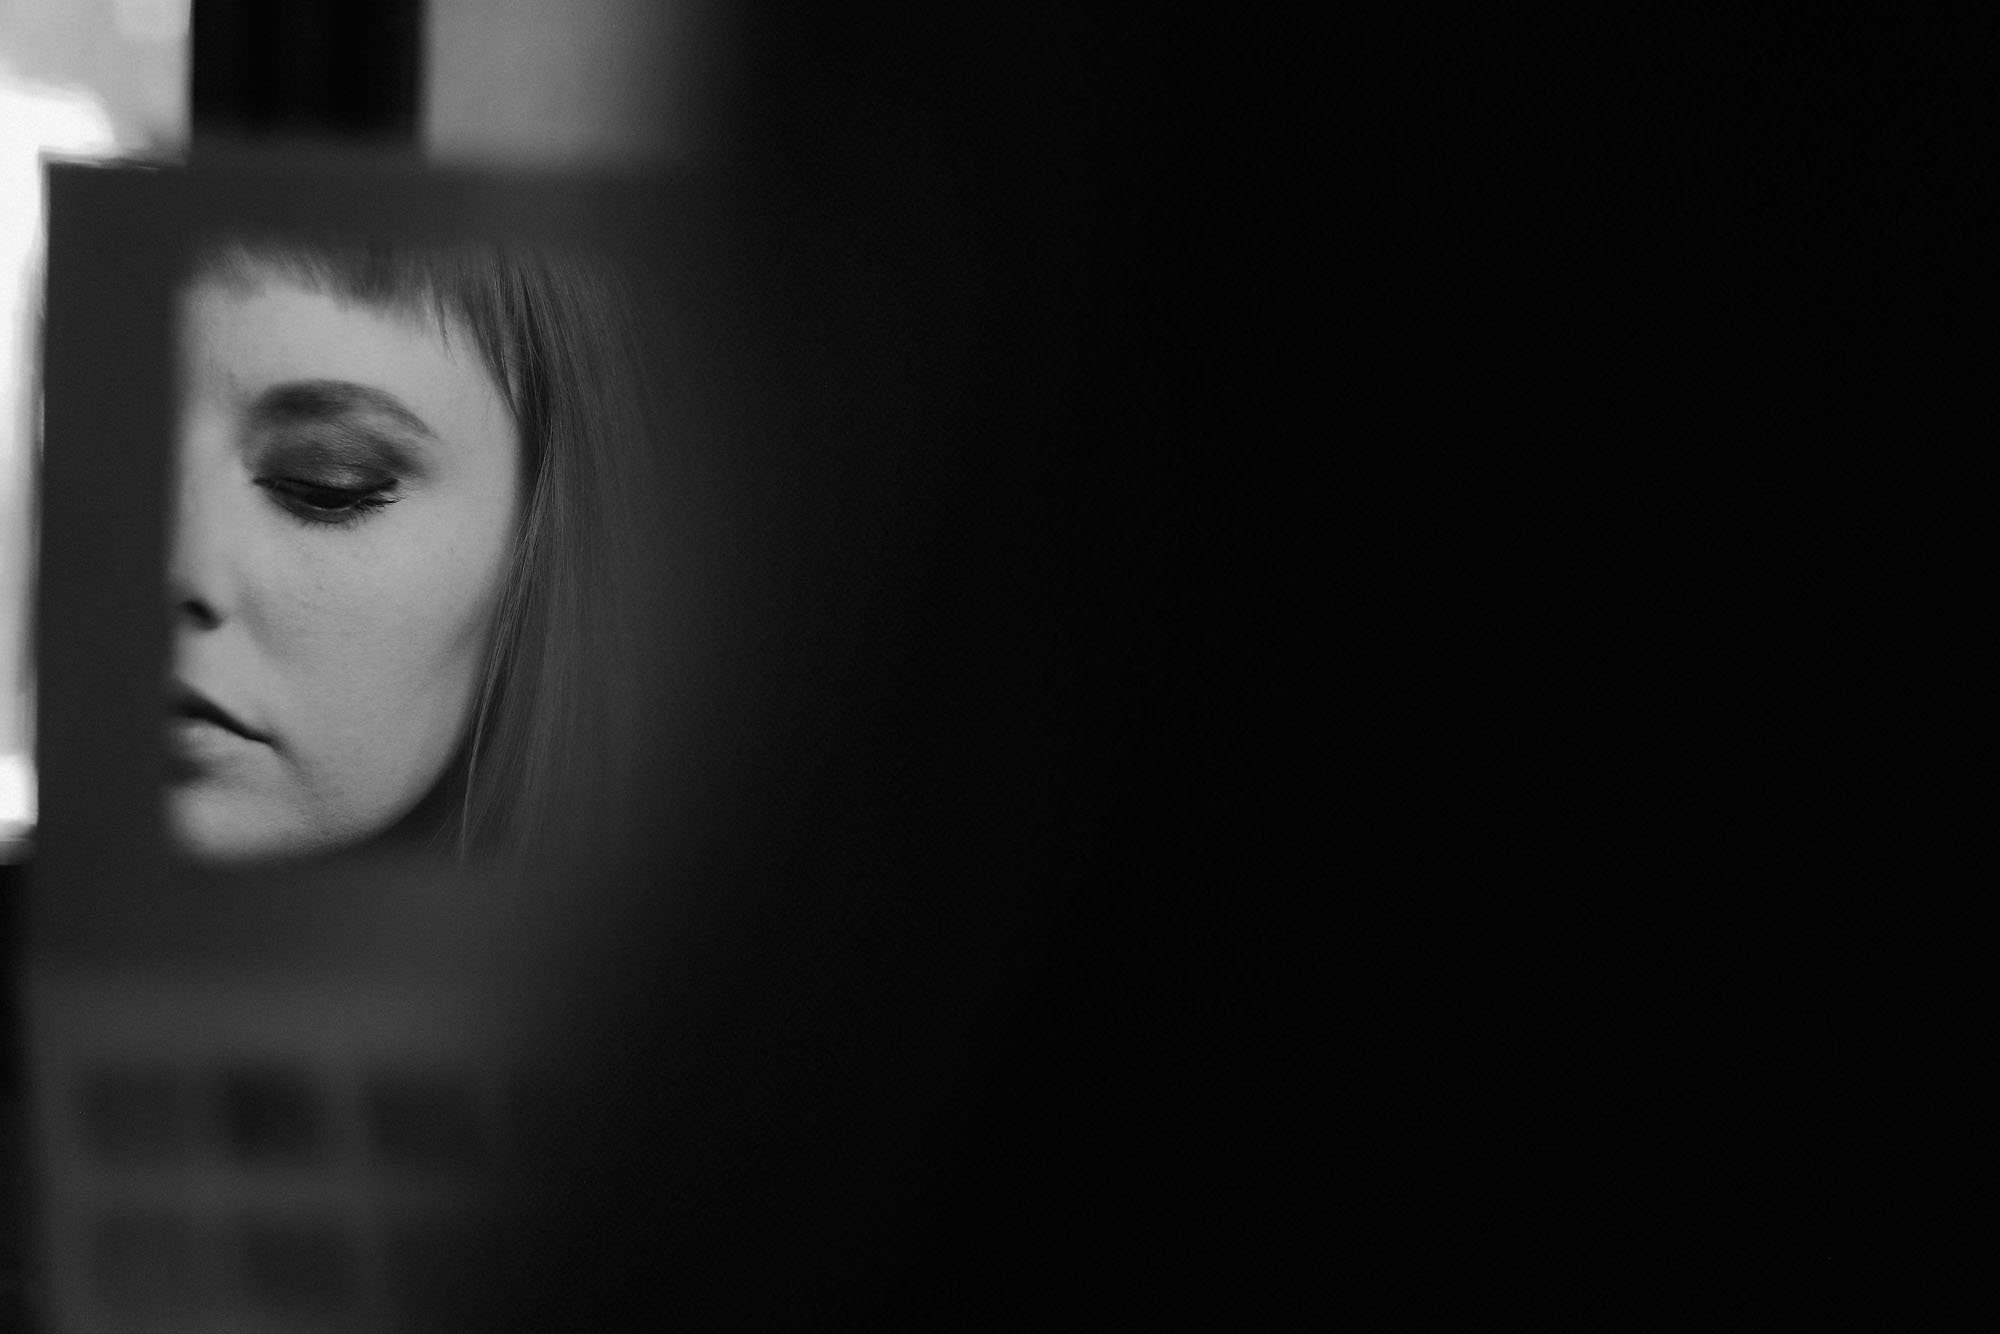 goult provence france elopement vow renewal makeup photo